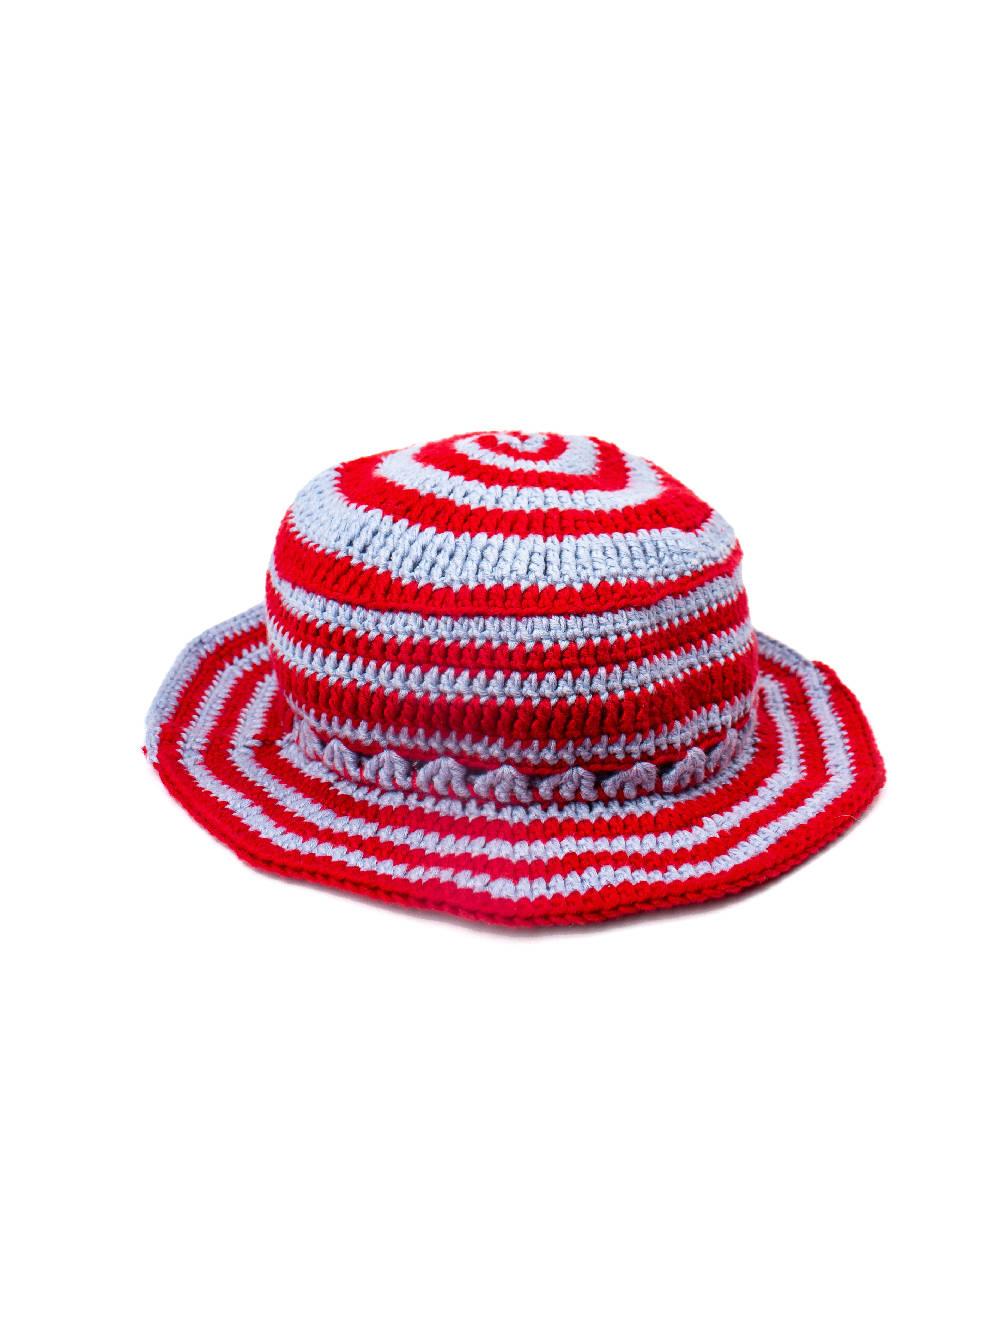 PAR CIELLE Flame Breeze Swirly Sun Hat